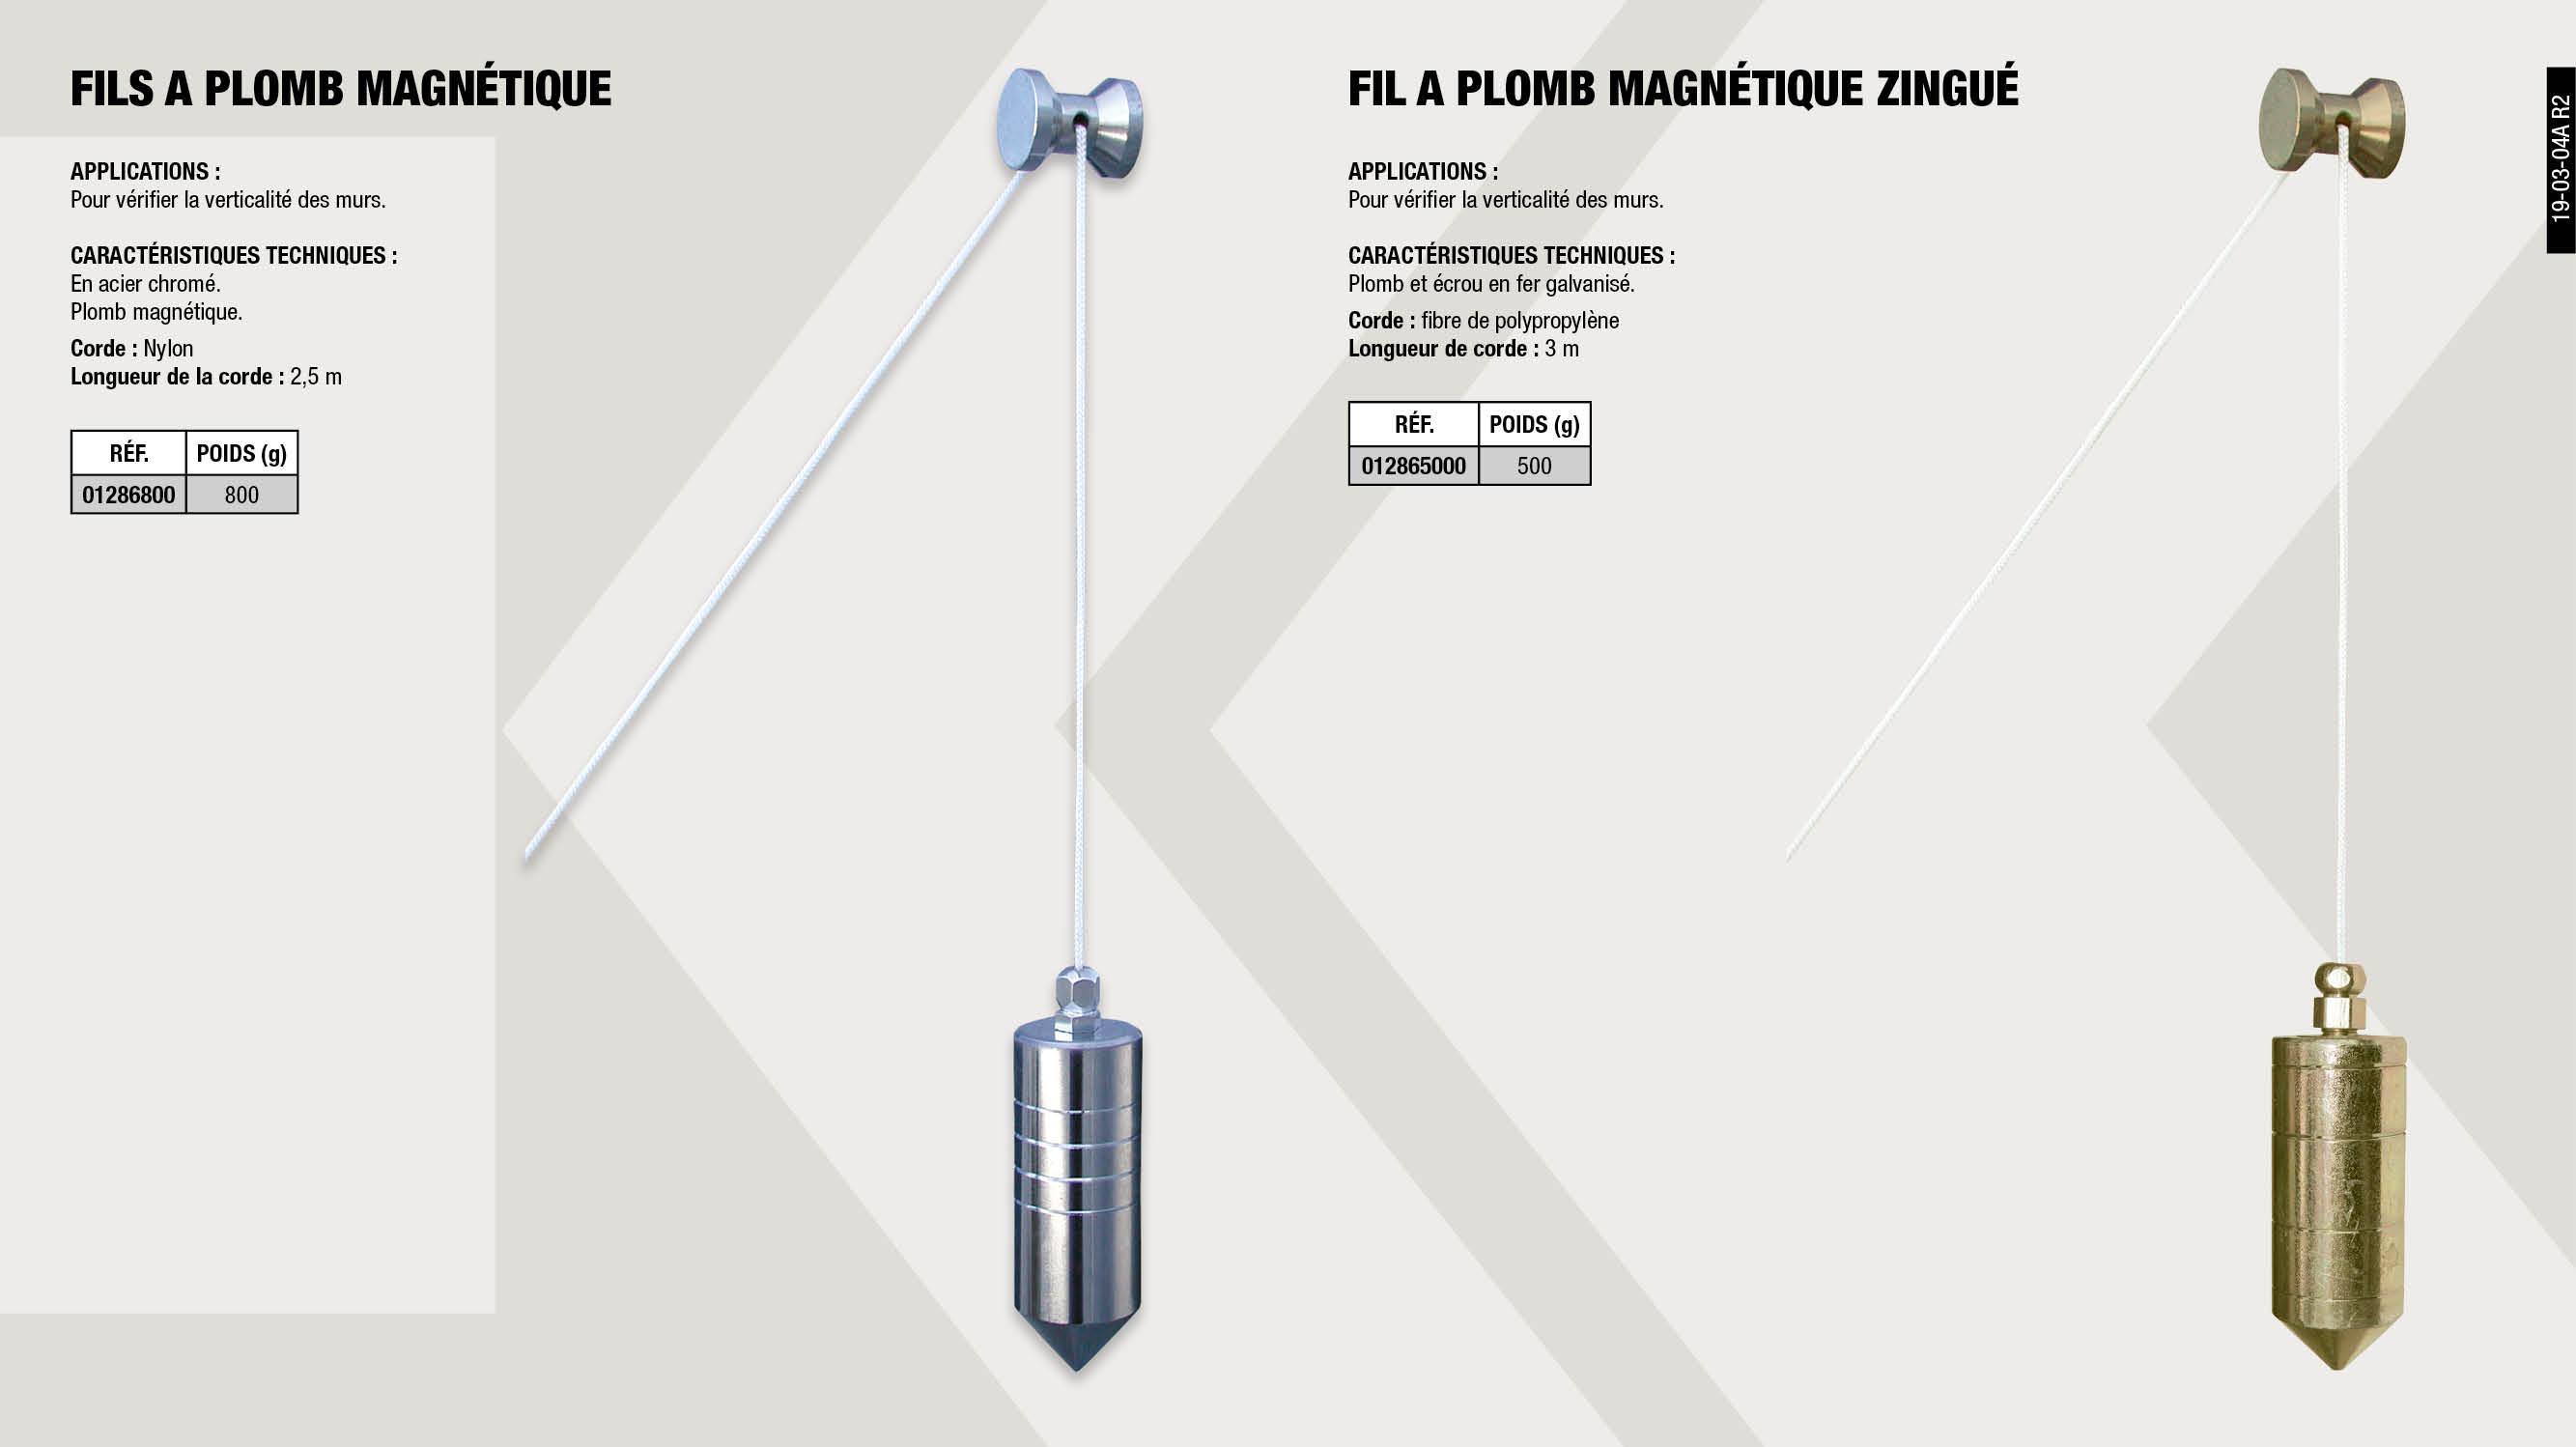 FIL A PLOMB MAGNETIQUE ZINGUE 500GR                         ,  FILS A PLOMB MAGNETIQUE 800G                                ,